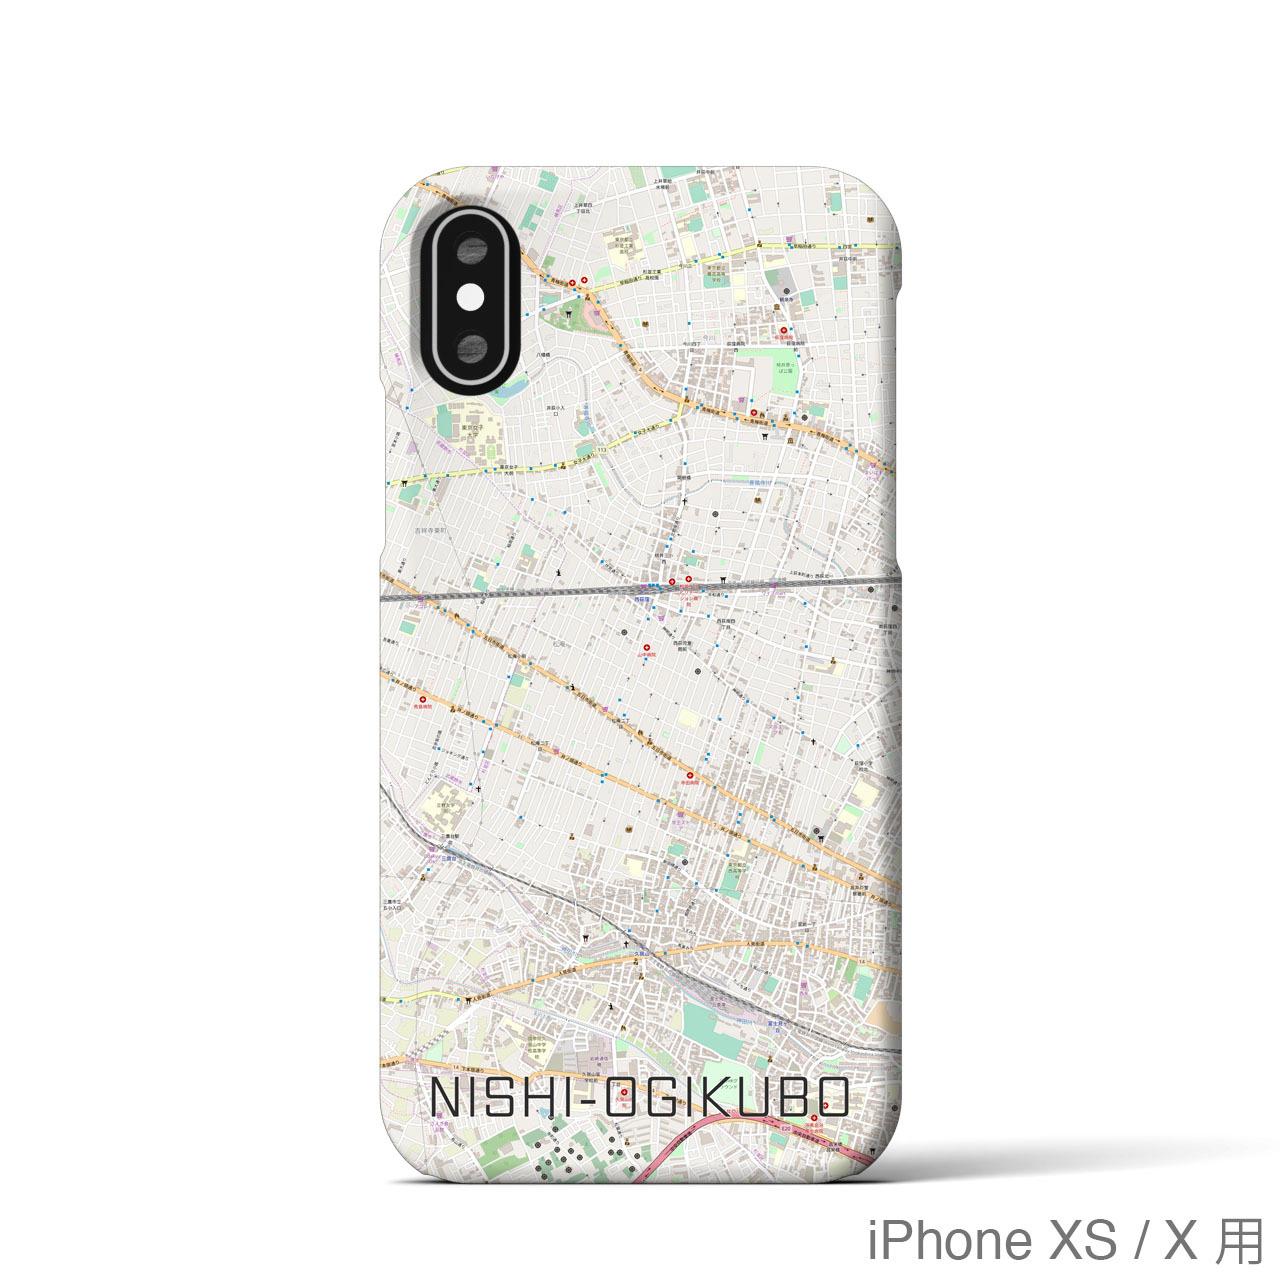 【西荻窪】地図柄iPhoneケース(バックカバータイプ・ナチュラル)